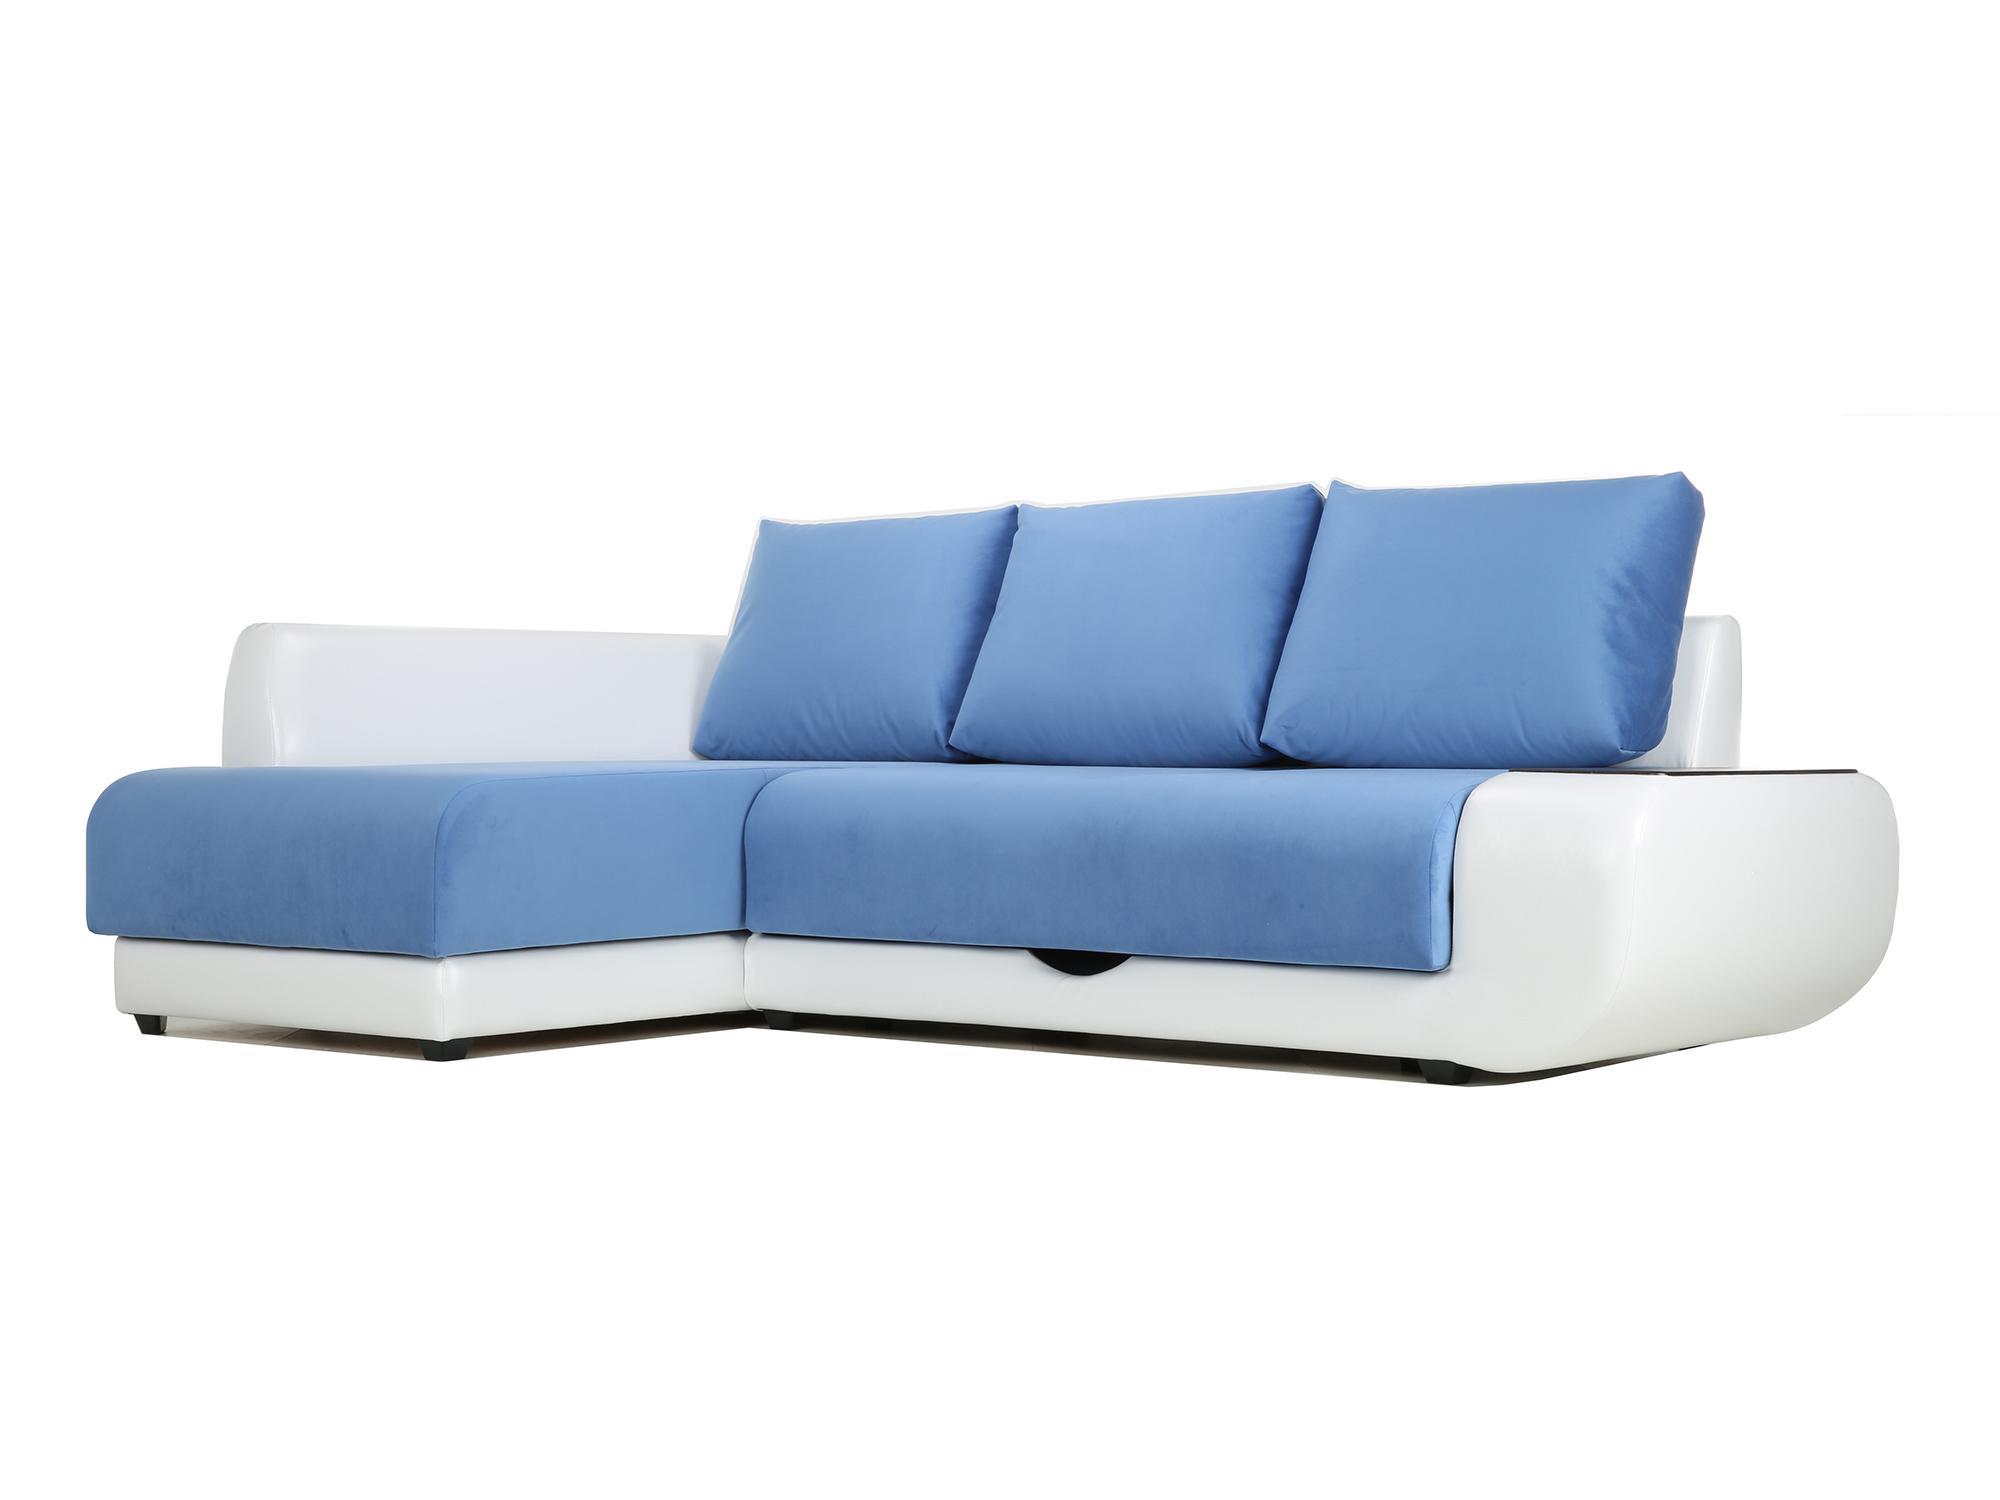 Угловой диван с независимым пружинным блоком Поло ПБ (Нью-Йорк) Левый MebelVia Белый, Синий